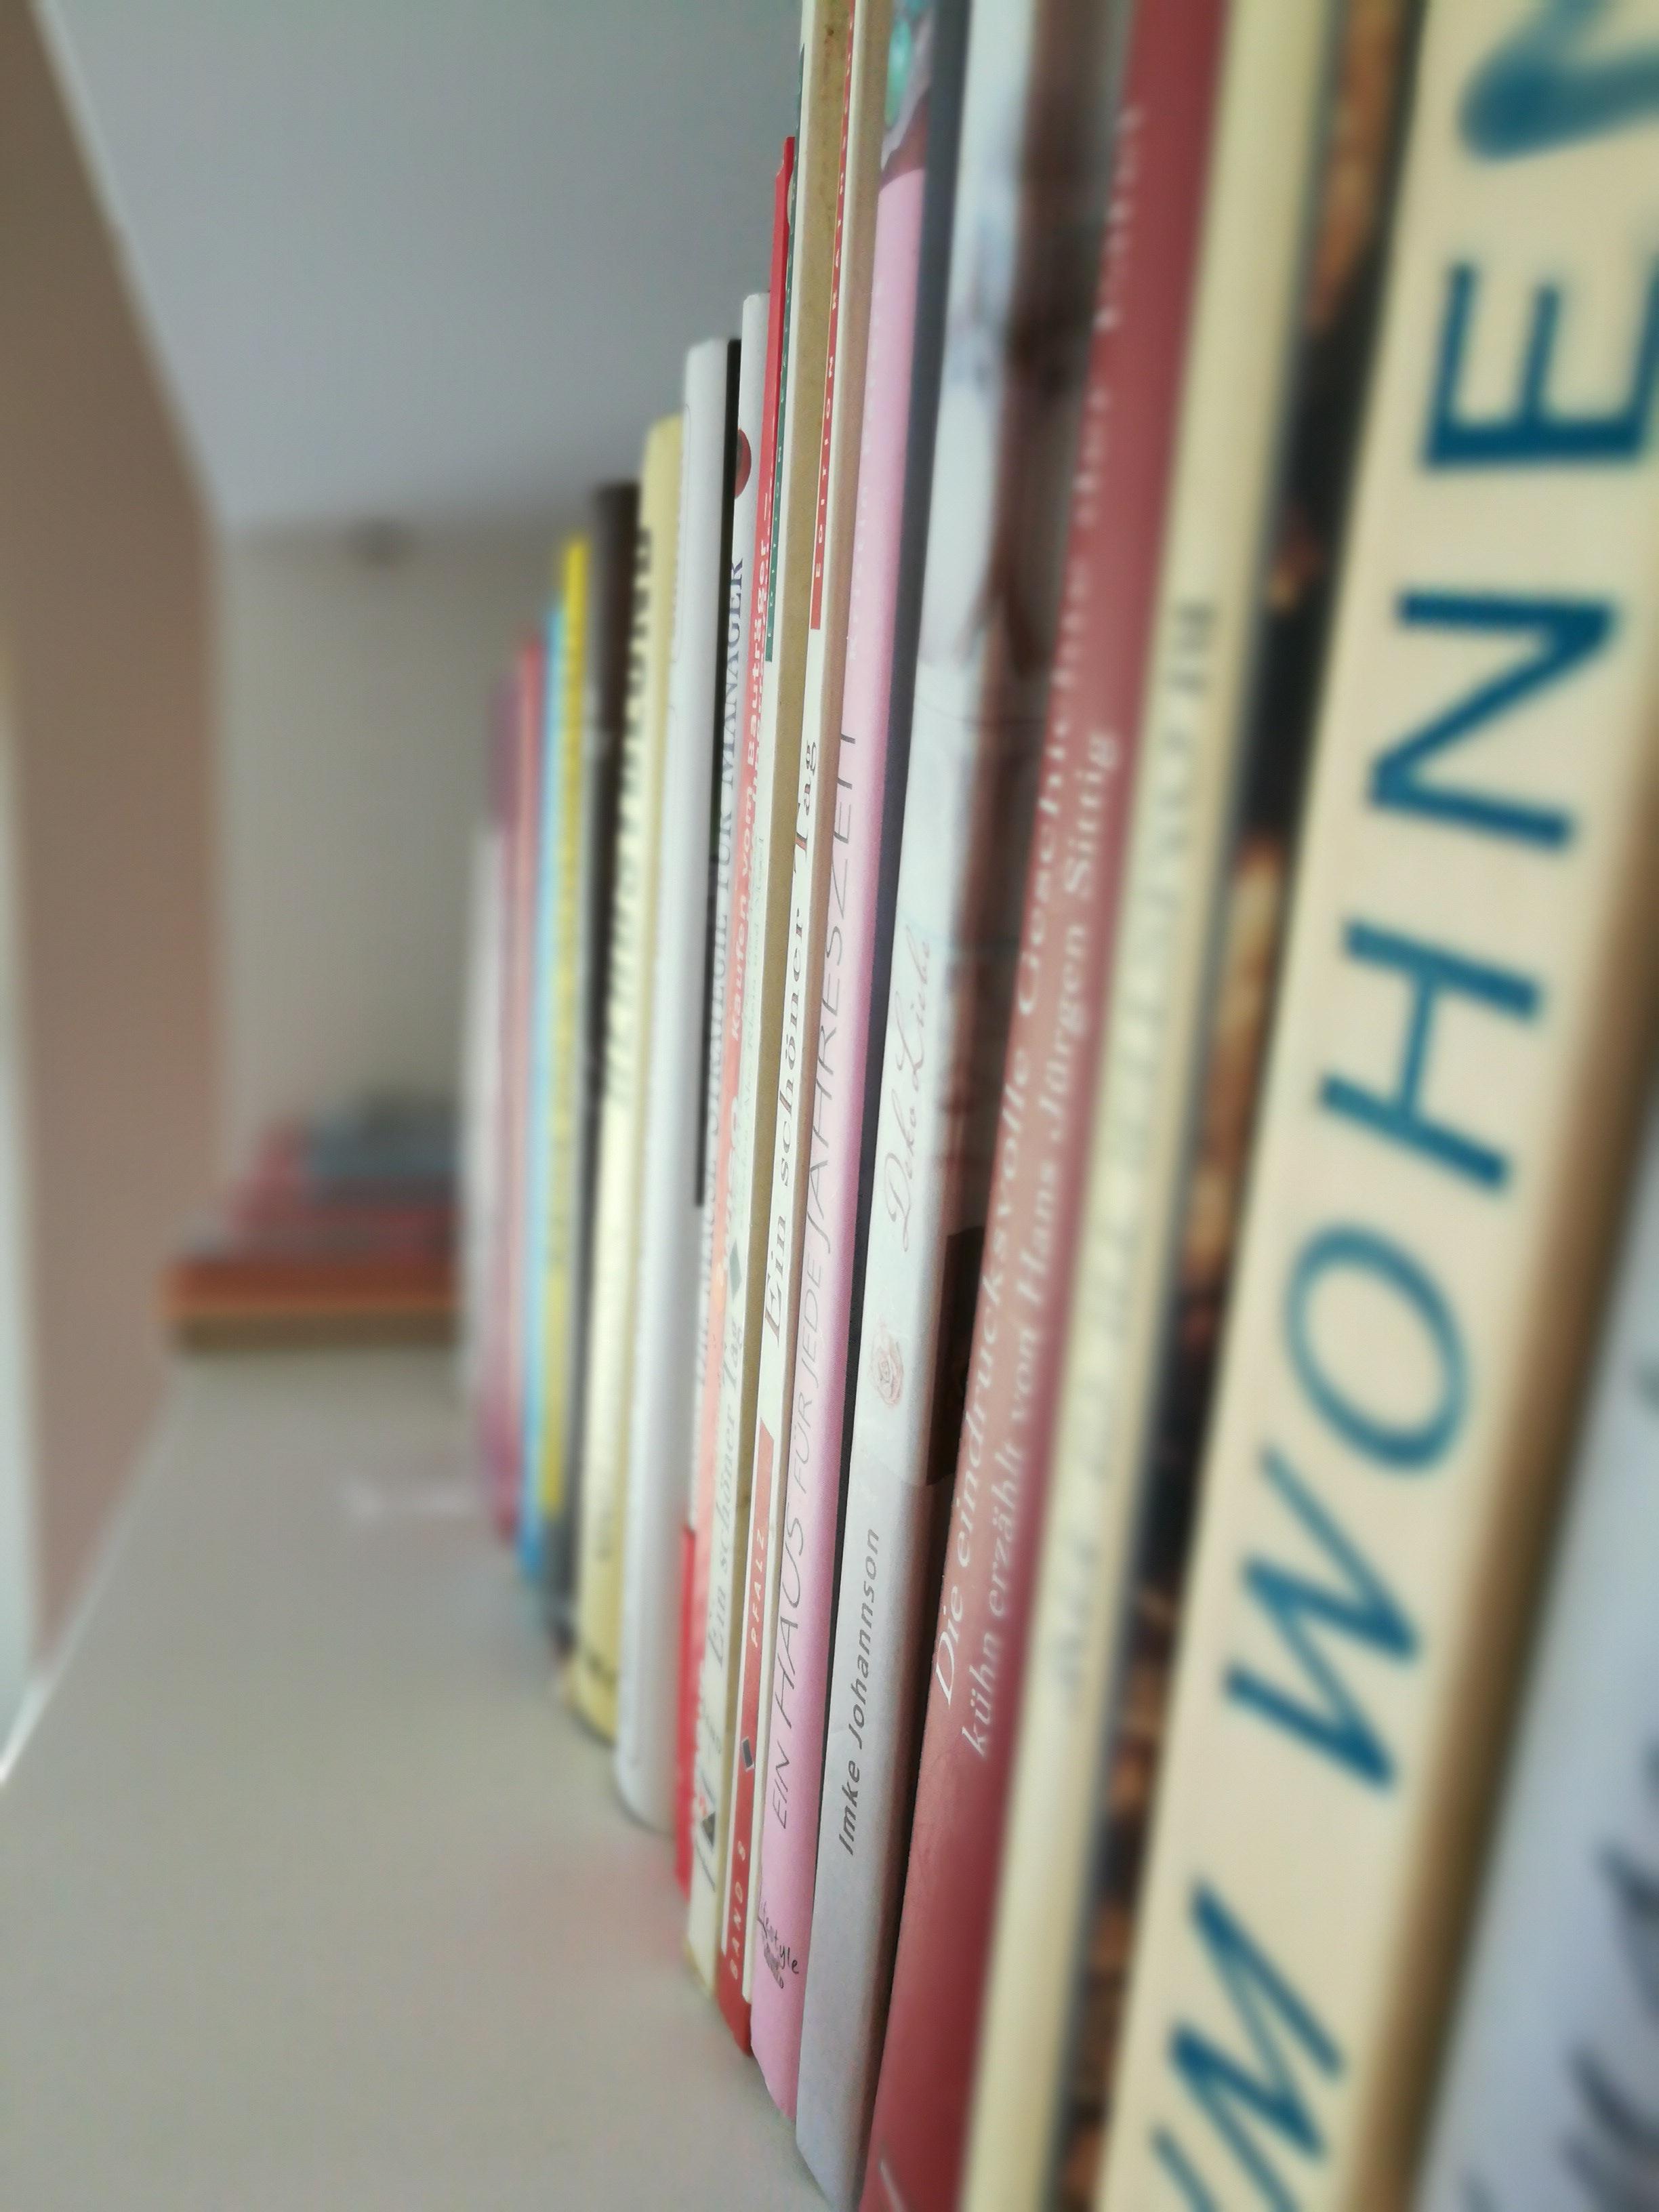 Boekenplank Met Boeken.Free Stock Photo Of Boeken Boekenplank Boekenreeks